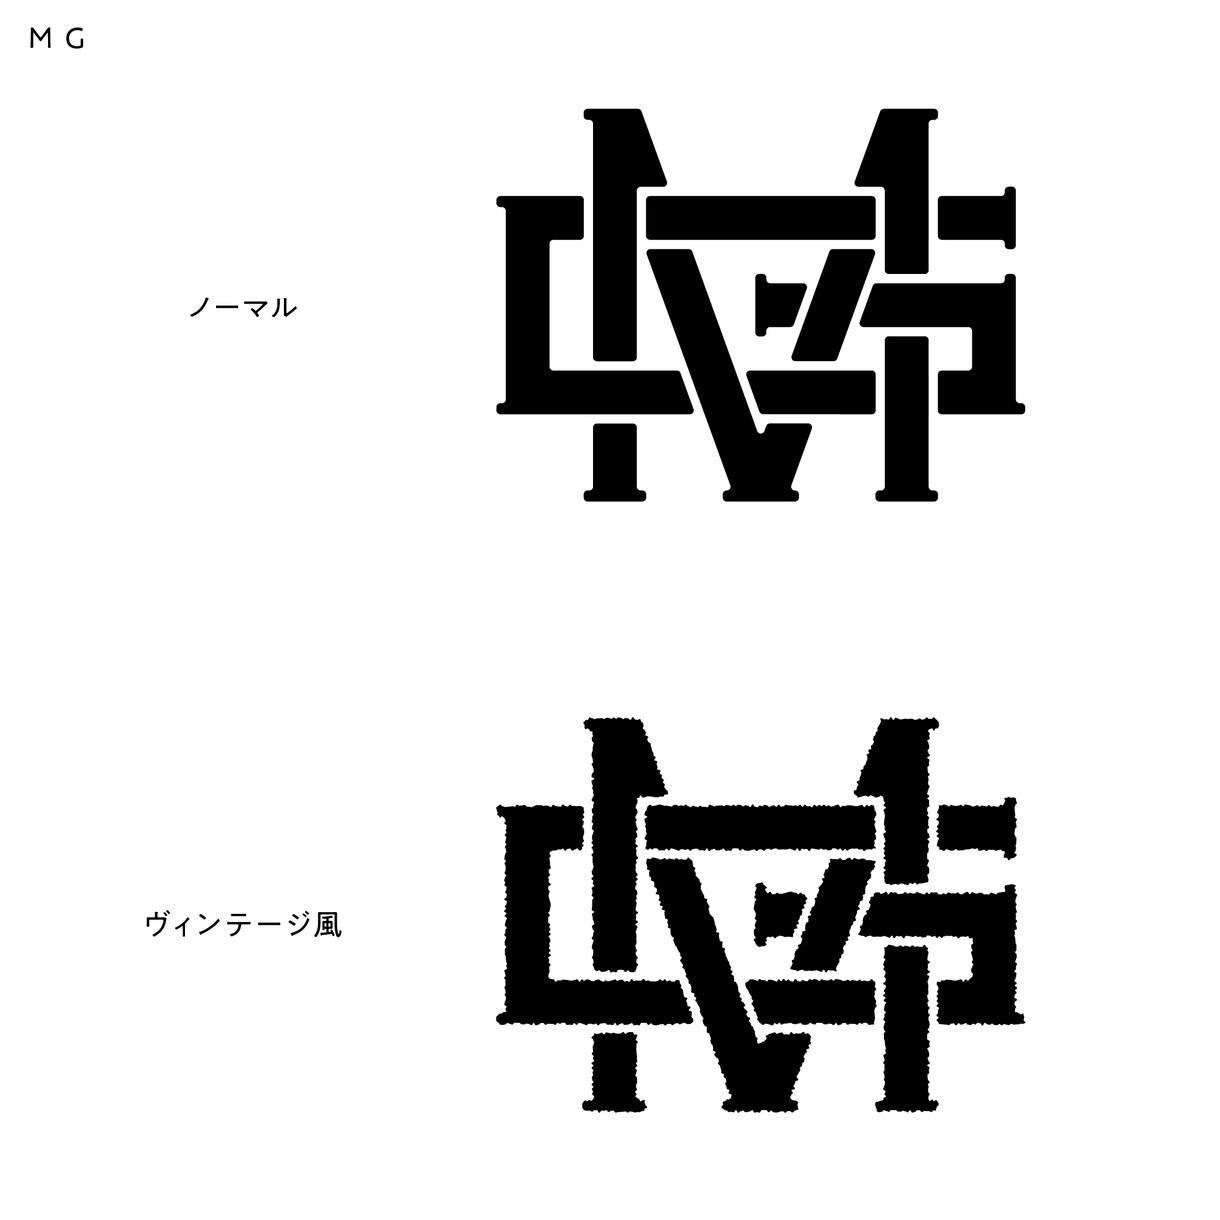 個人名やチーム名、団体名のイニシャルロゴ制作します 名前やチームのイニシャルをカスタム自由な世界に1つのロゴに! イメージ1